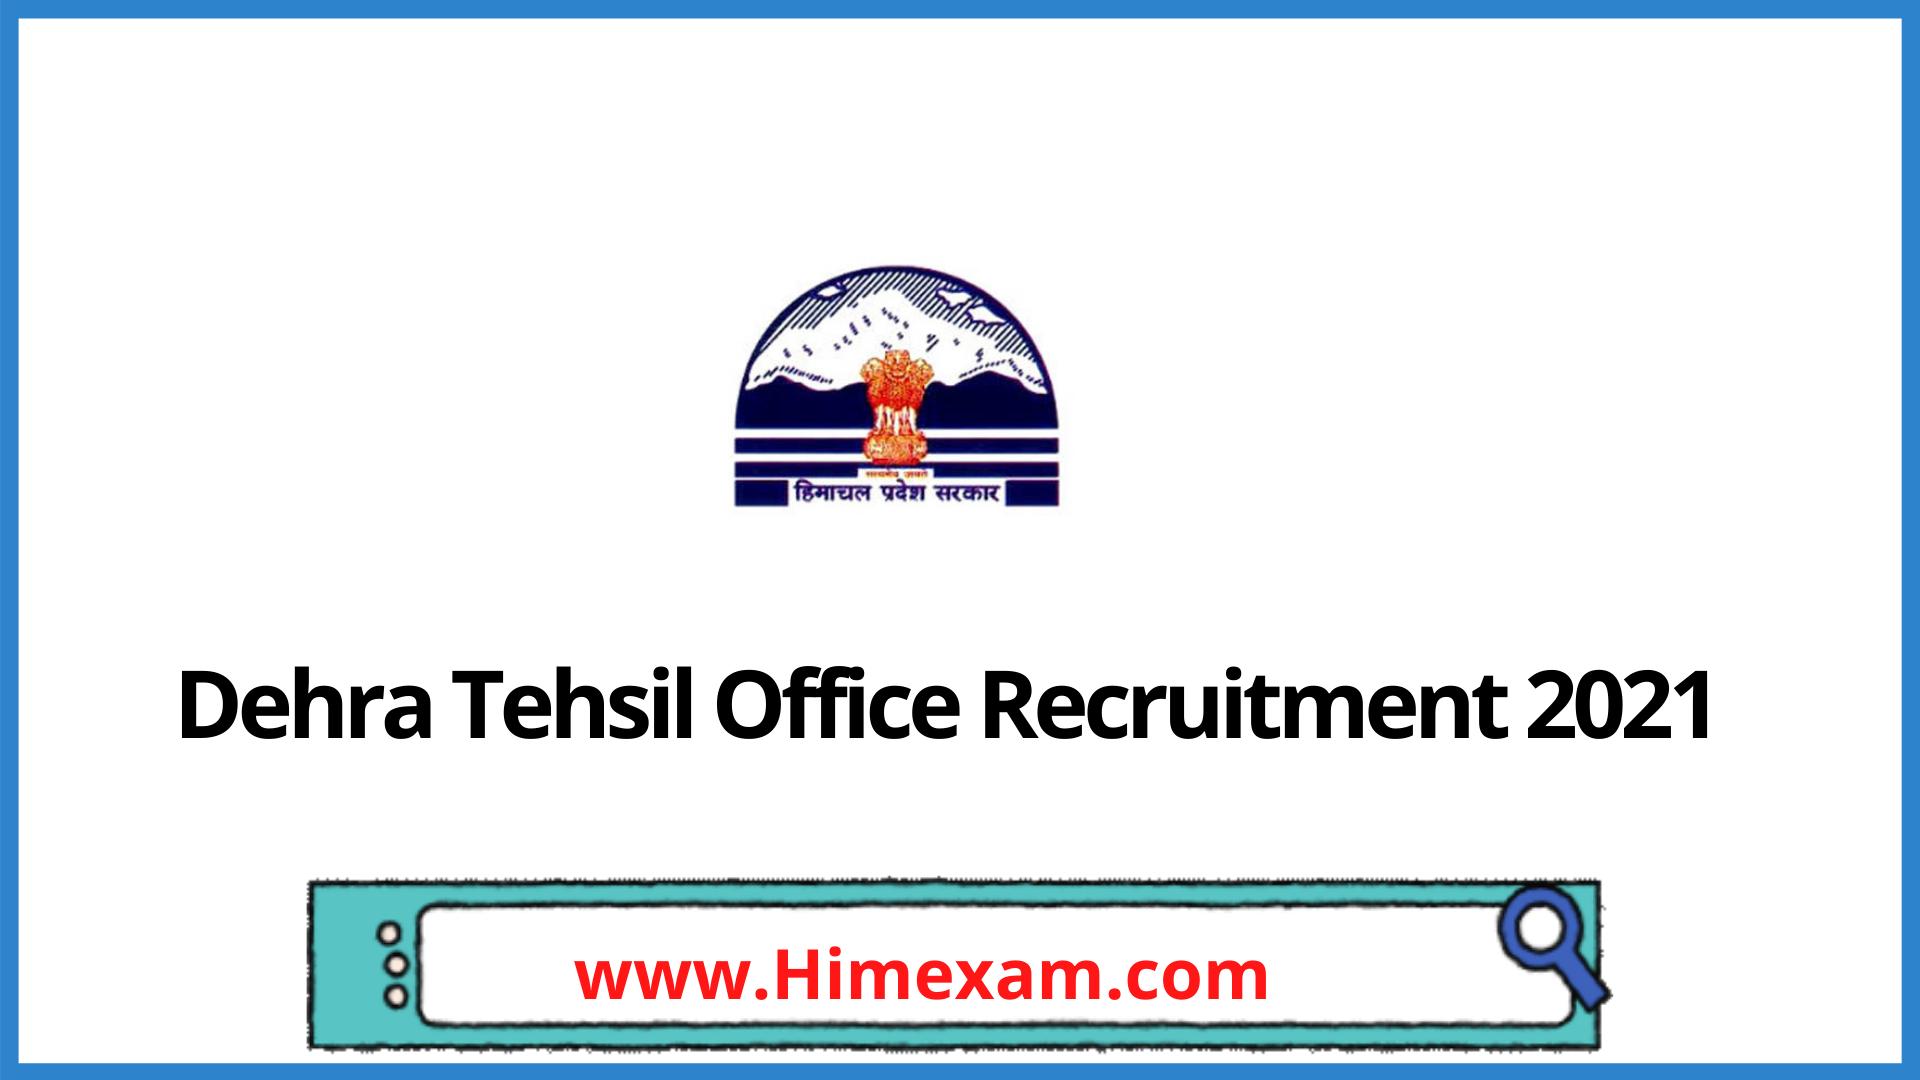 Dehra Tehsil Office Recruitment 2021